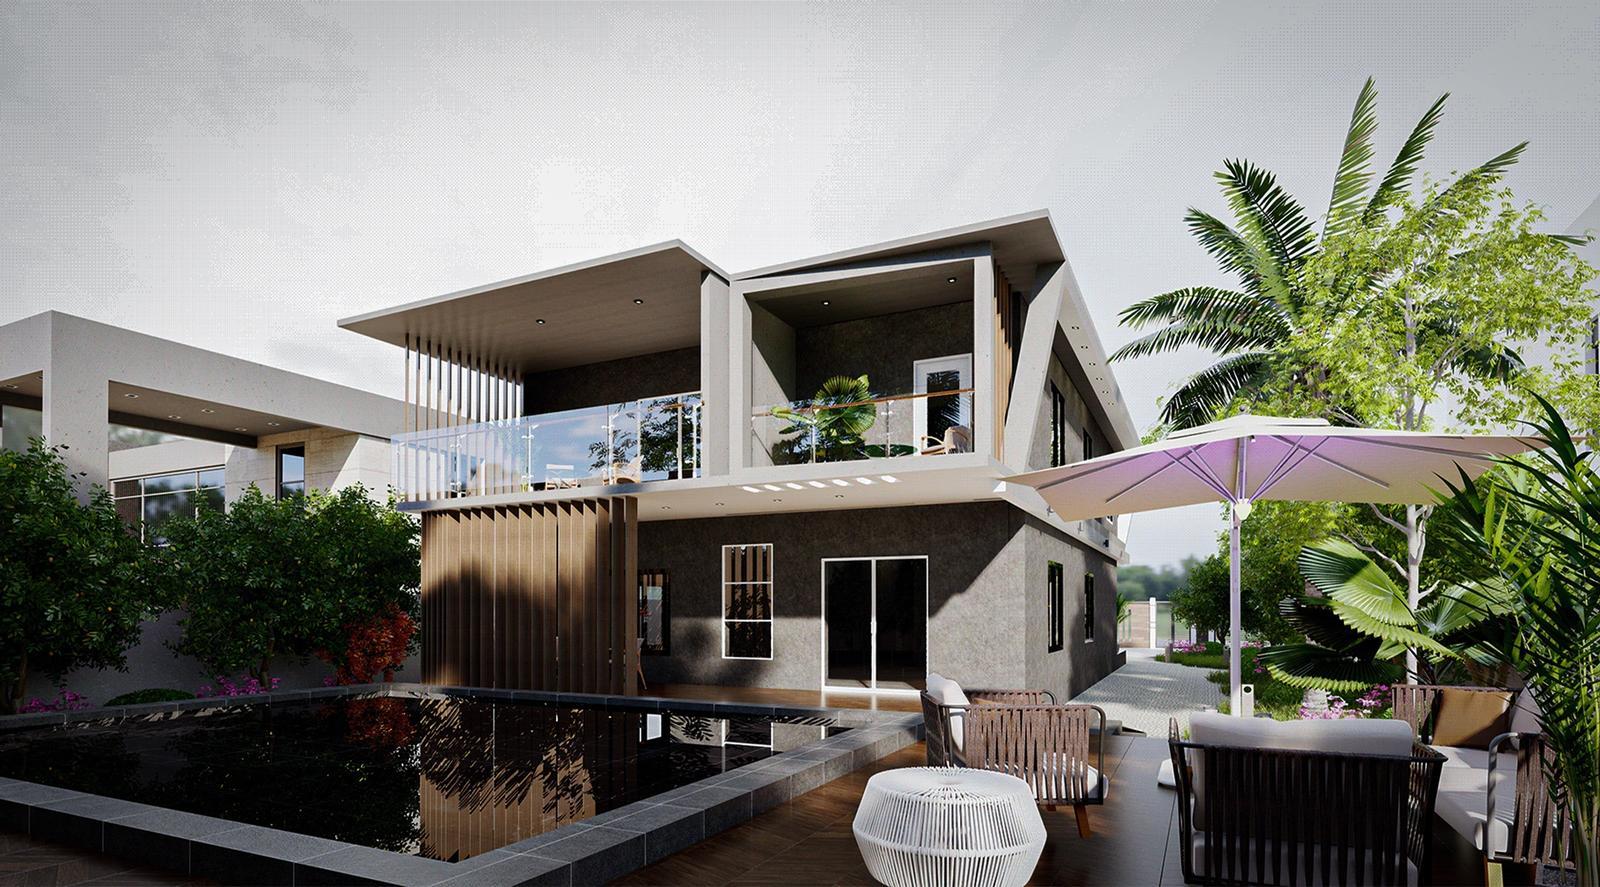 Modern Villa - Backyard Exterior 2 Modeling landscape and Visualization ( SketchUp + D5 Render )